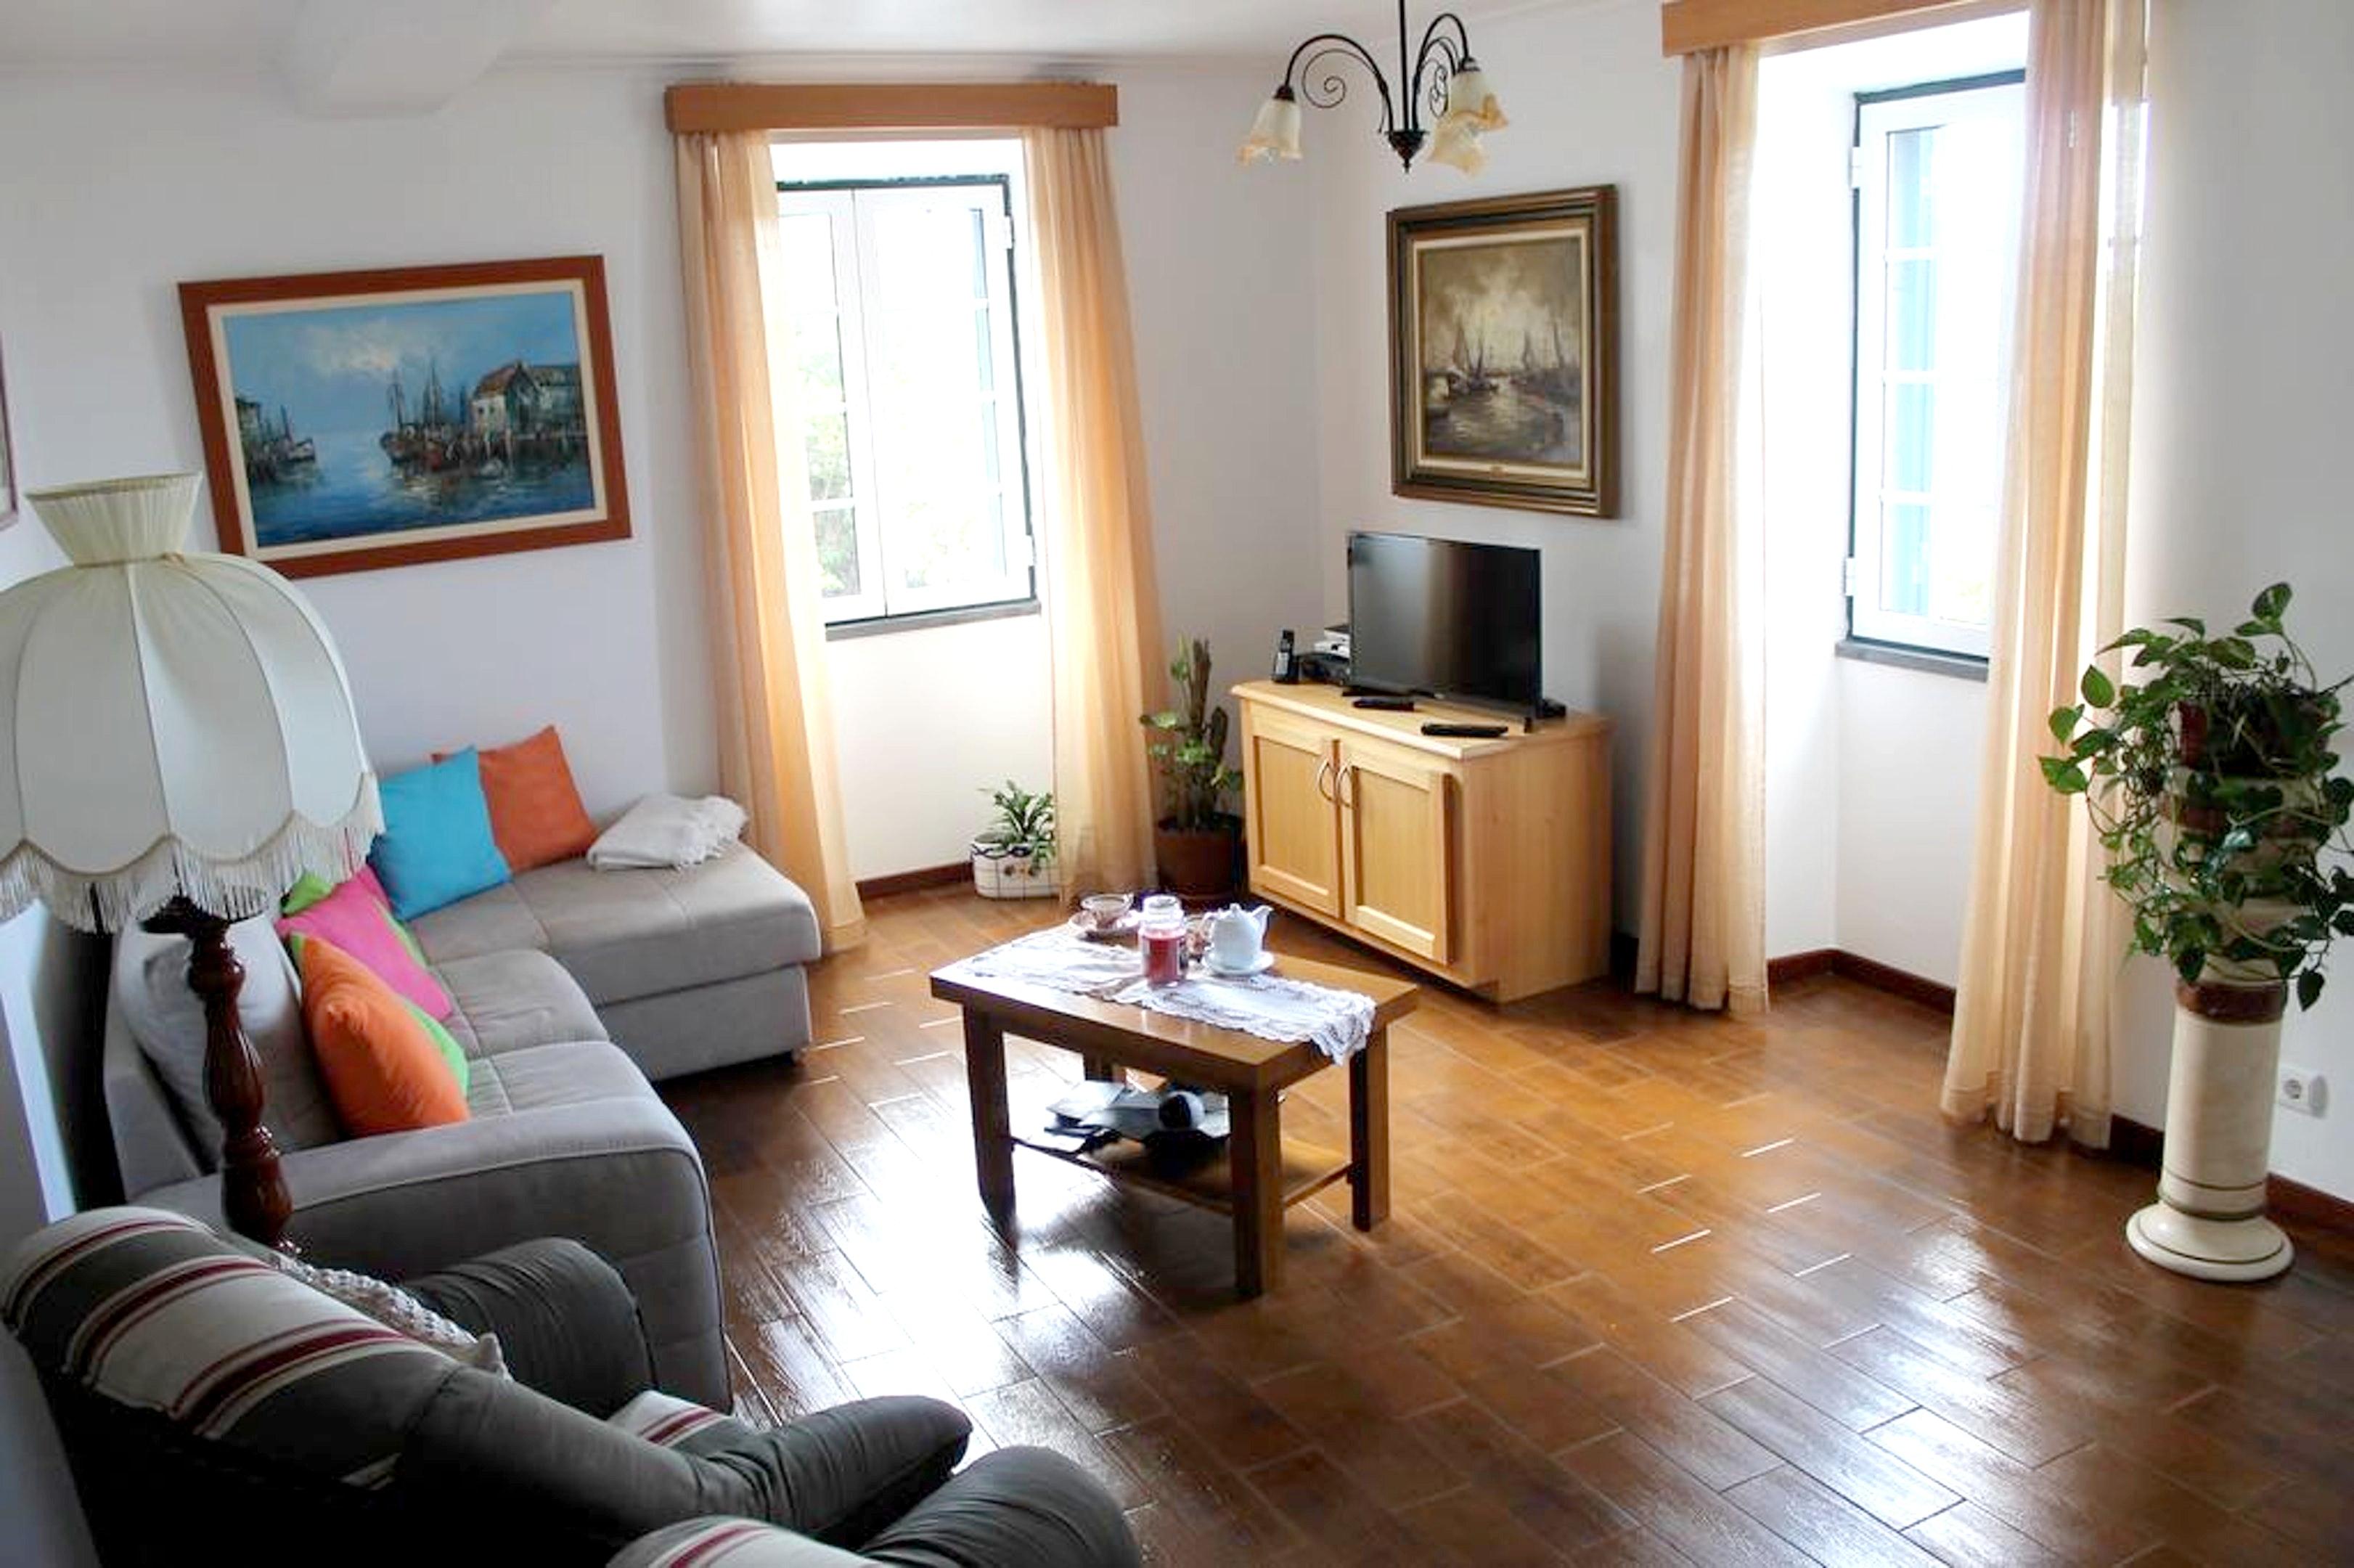 Ferienhaus Haus mit 3 Schlafzimmern in Prainha mit herrlichem Meerblick, eingezäuntem Garten und W-LA (2683894), Prainha, Pico, Azoren, Portugal, Bild 5